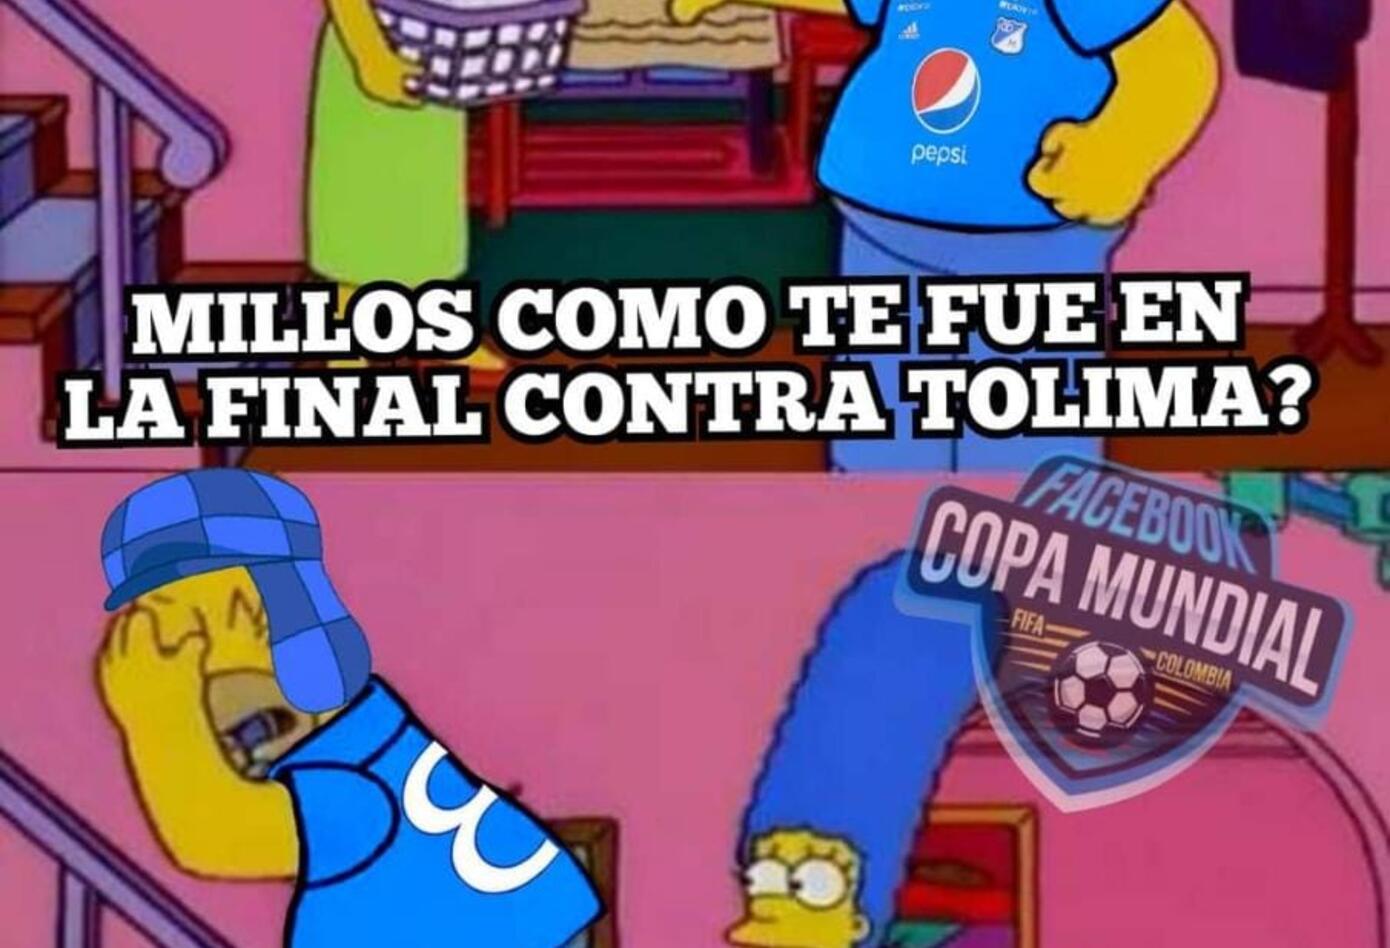 Los mejores memes de la derrota de Millonarios ante Tolima